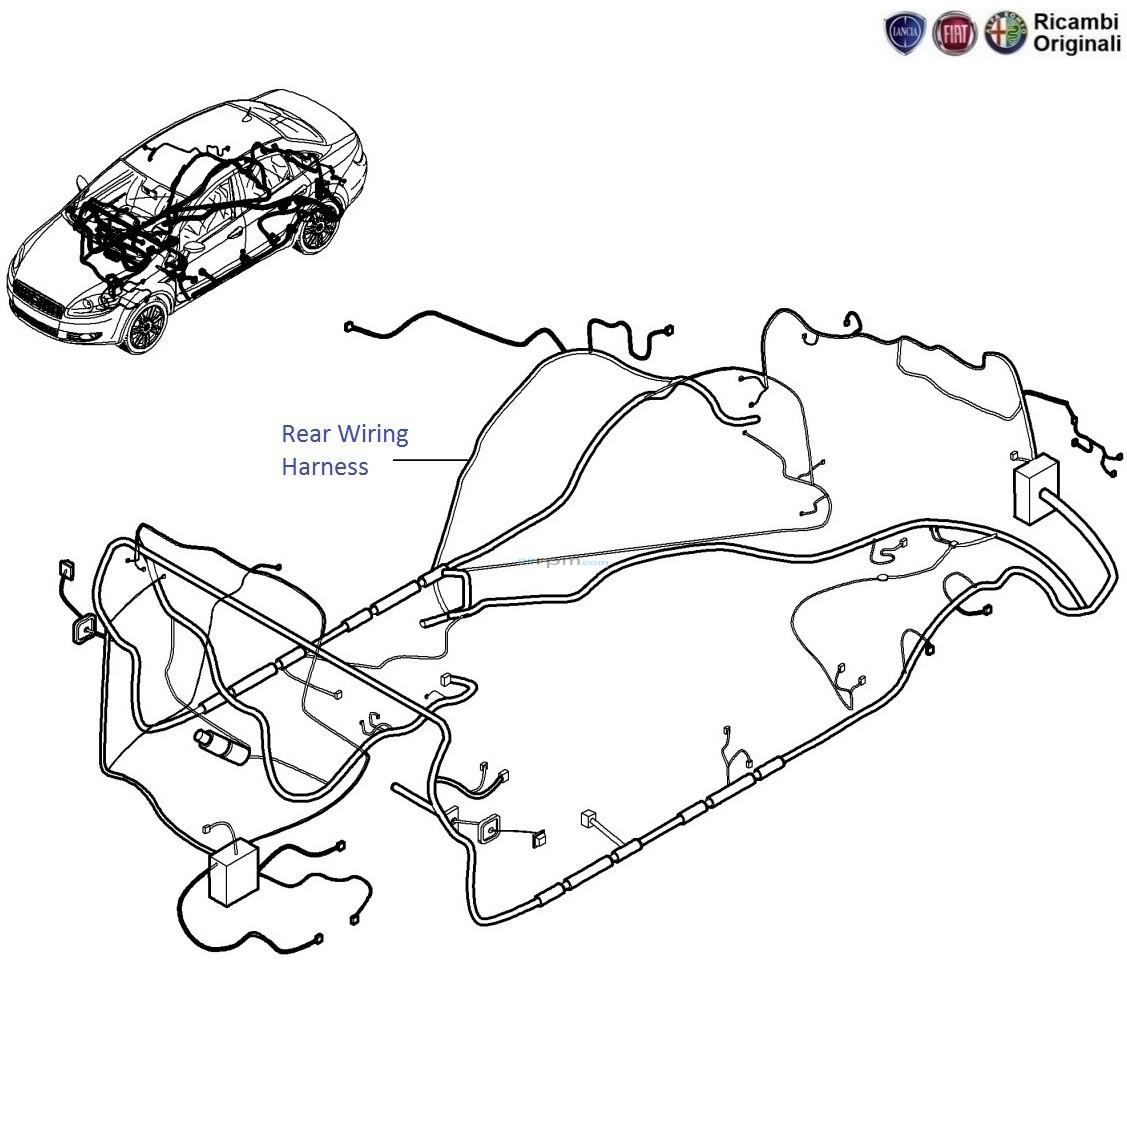 Fiat Linea Rear Wiring Harness